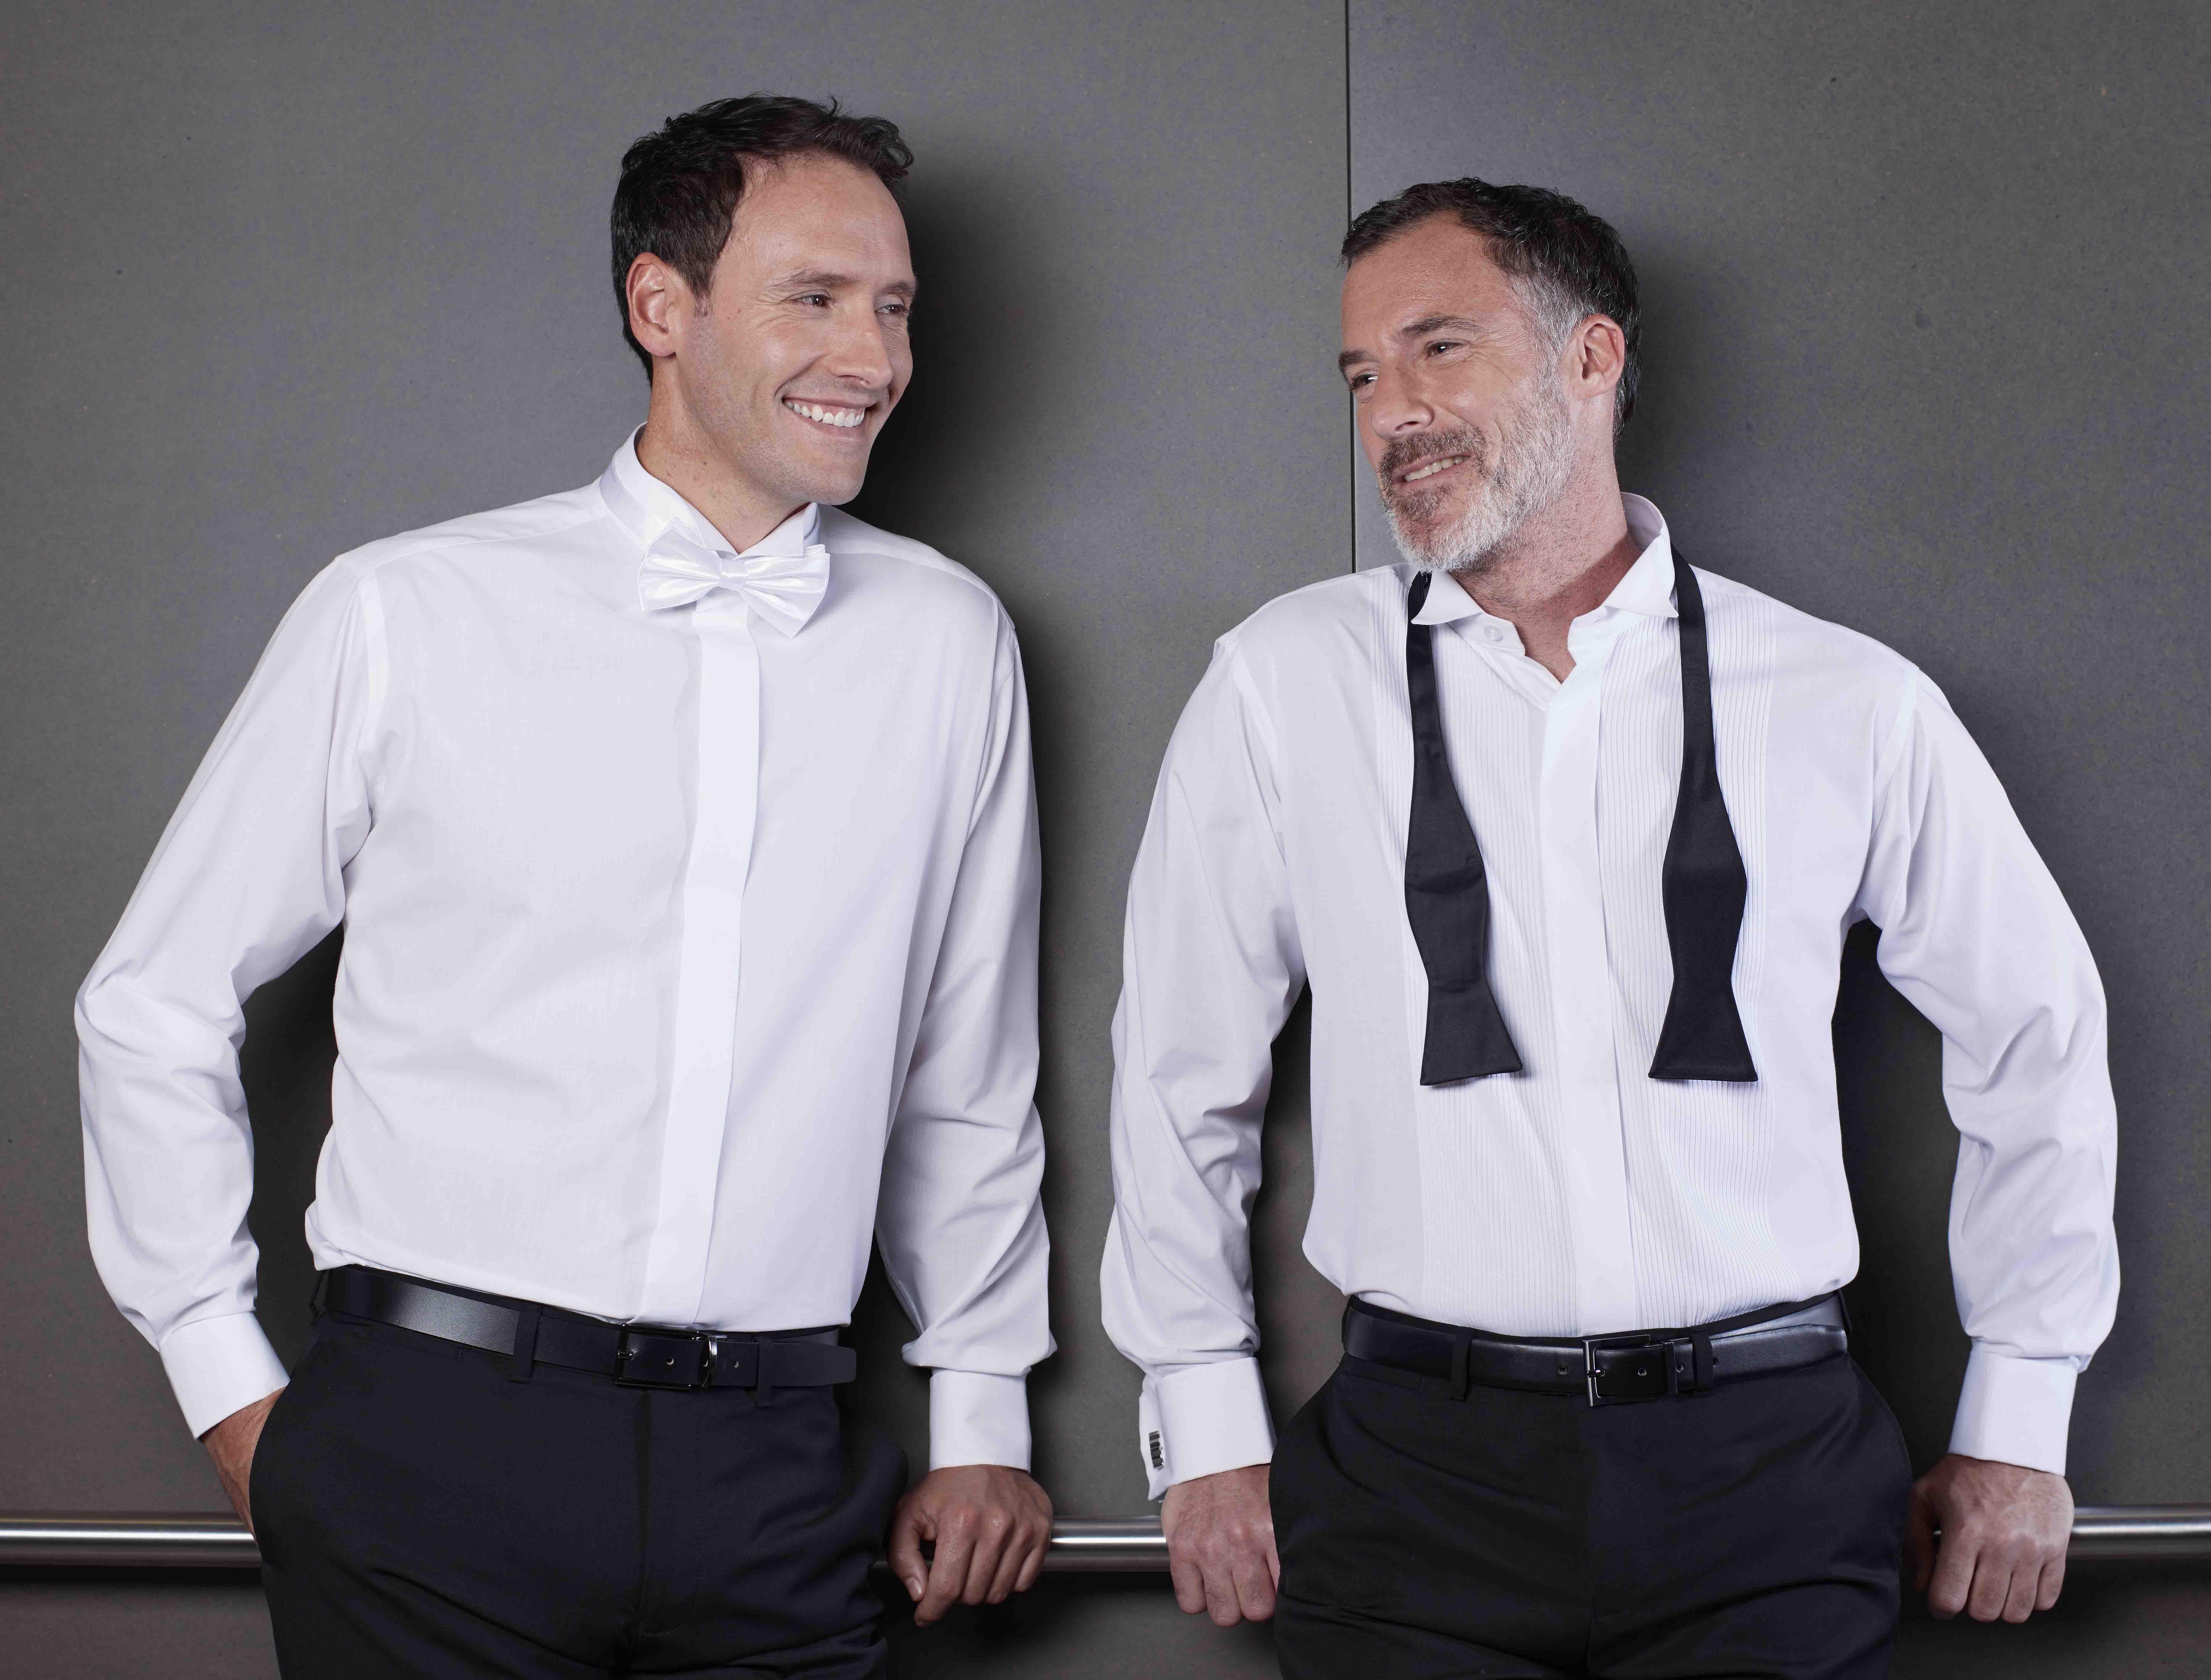 Shop Men's Dress Shirts | The Ideal Wedding Shirt